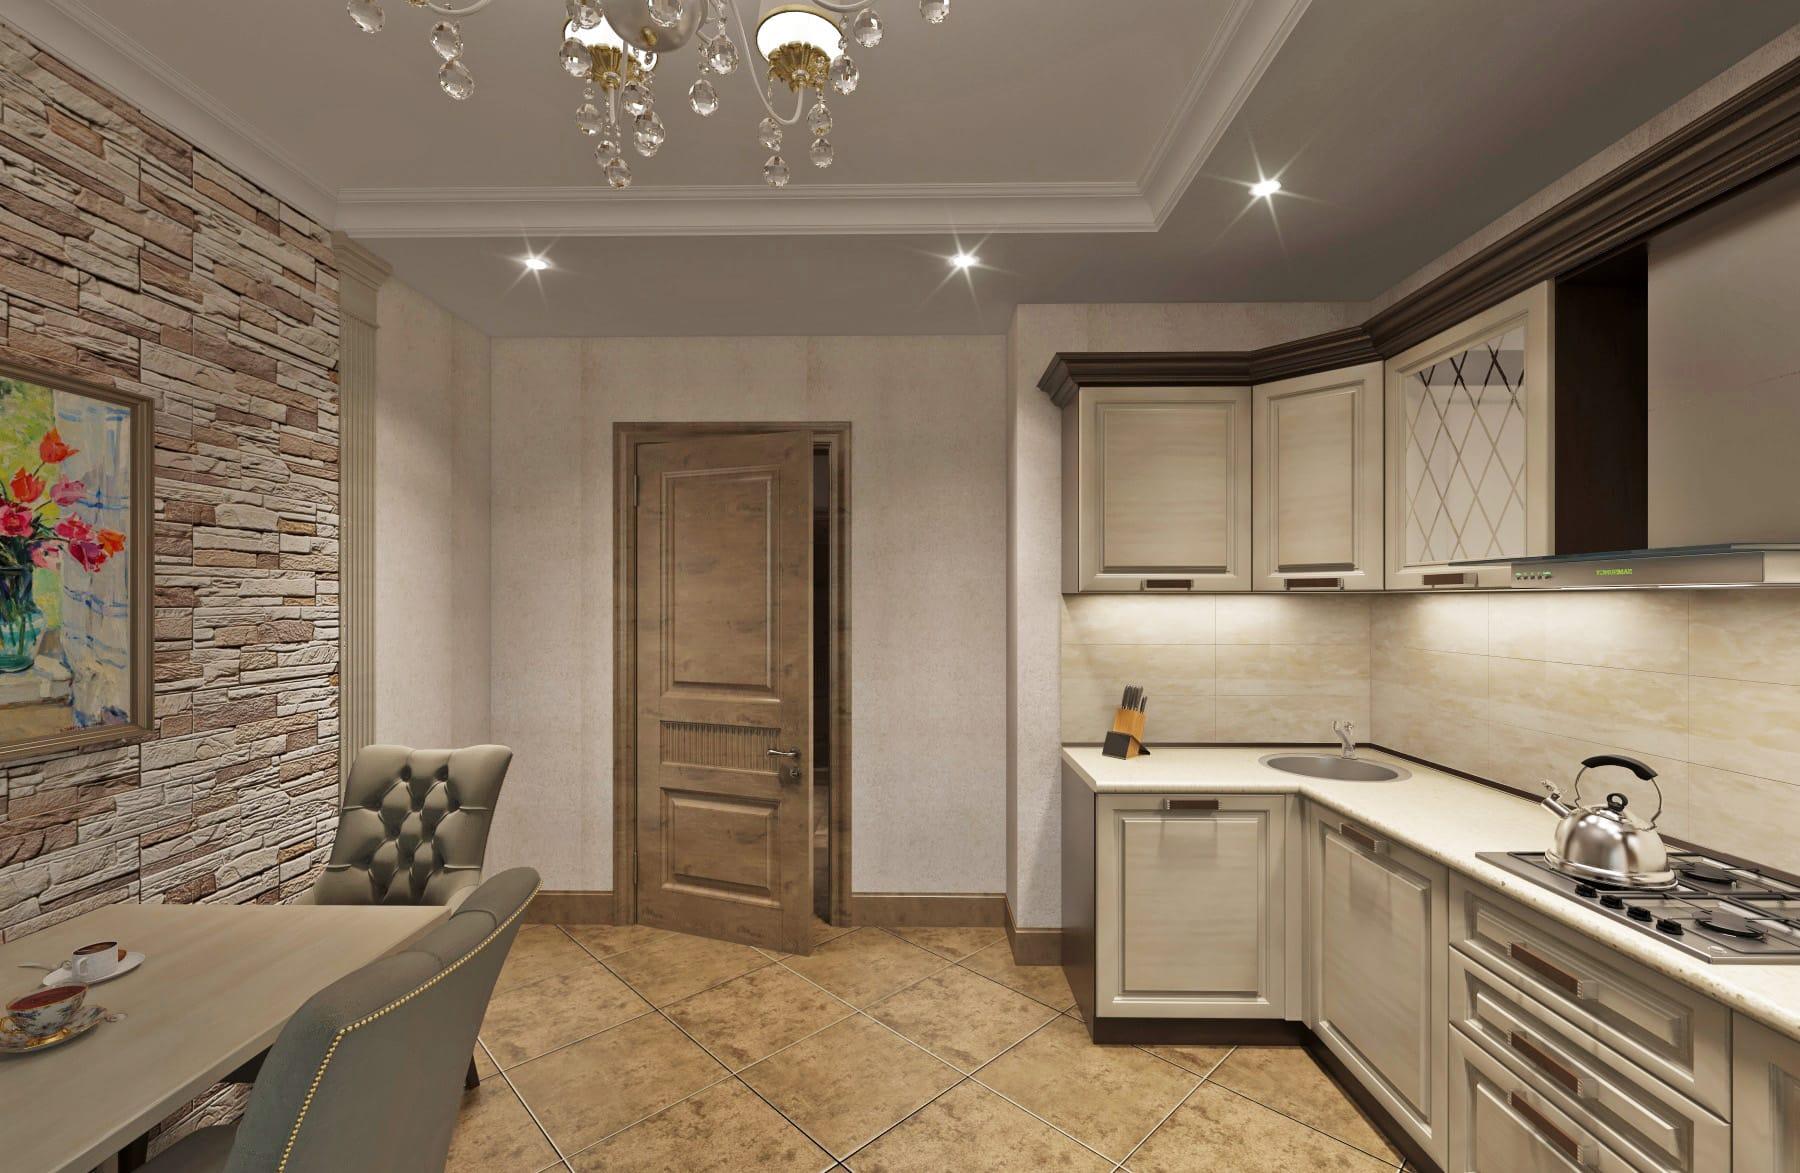 Дизайн интерьера в Ставрополе кухня светлая камень натуральный между пилястрами мойка в углу